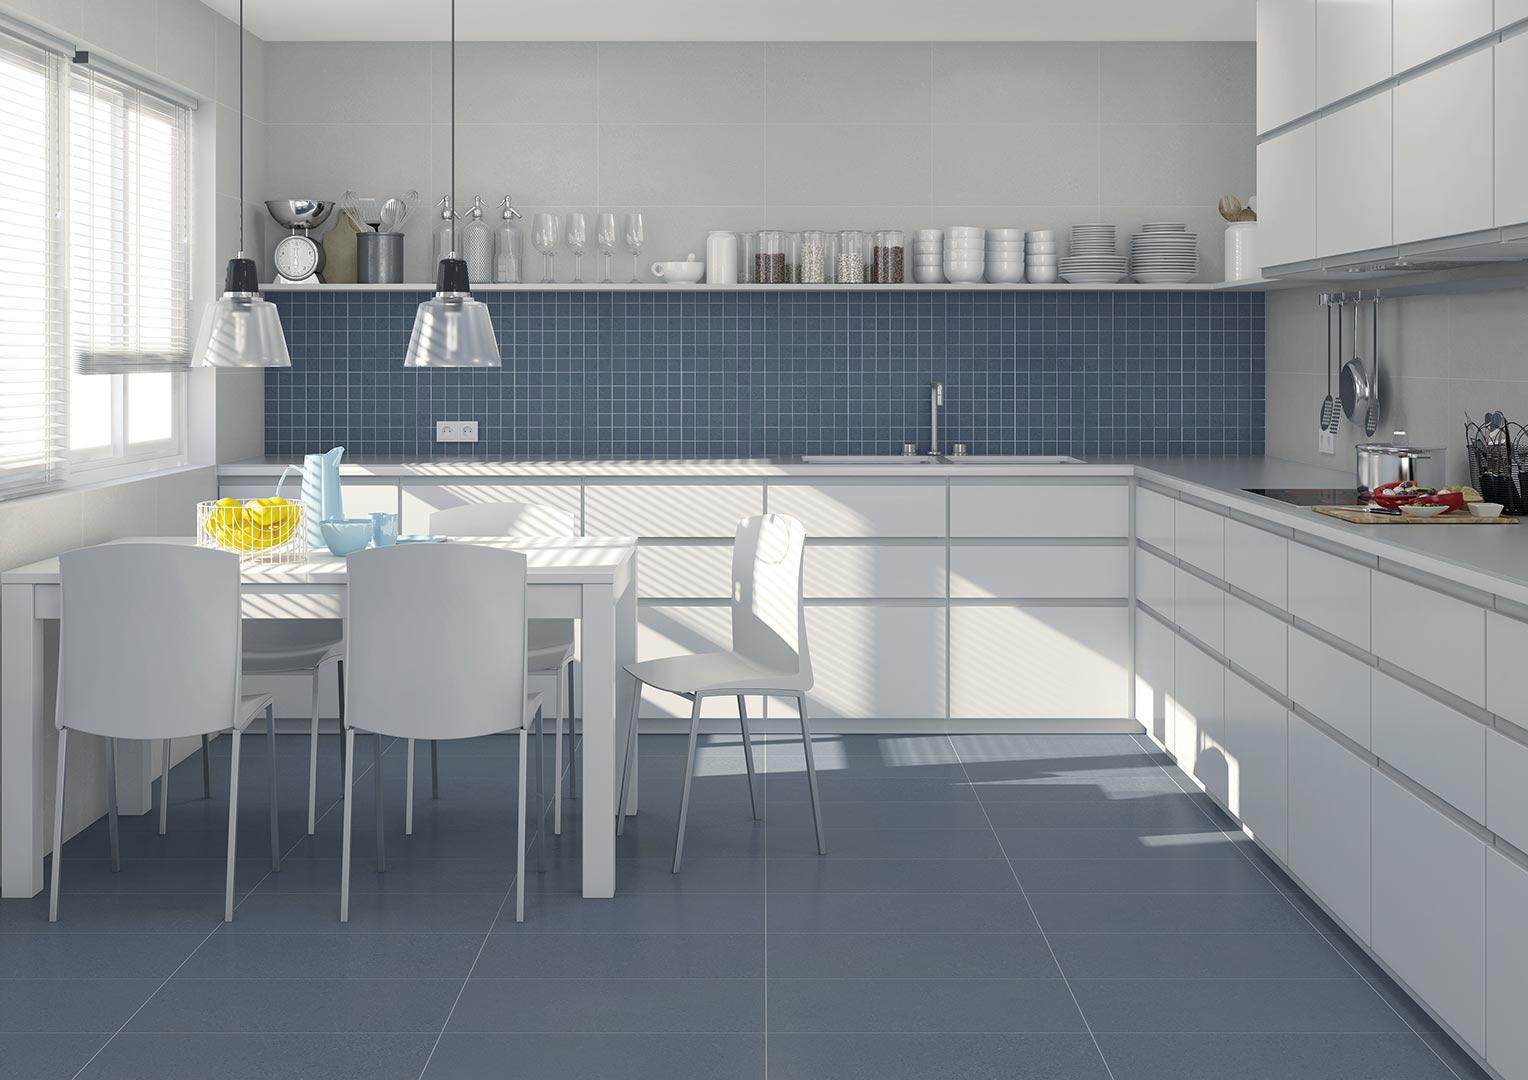 Vives floor tiles porcelain alpha 30x60 for Pisos de ceramica para cocinas modernas